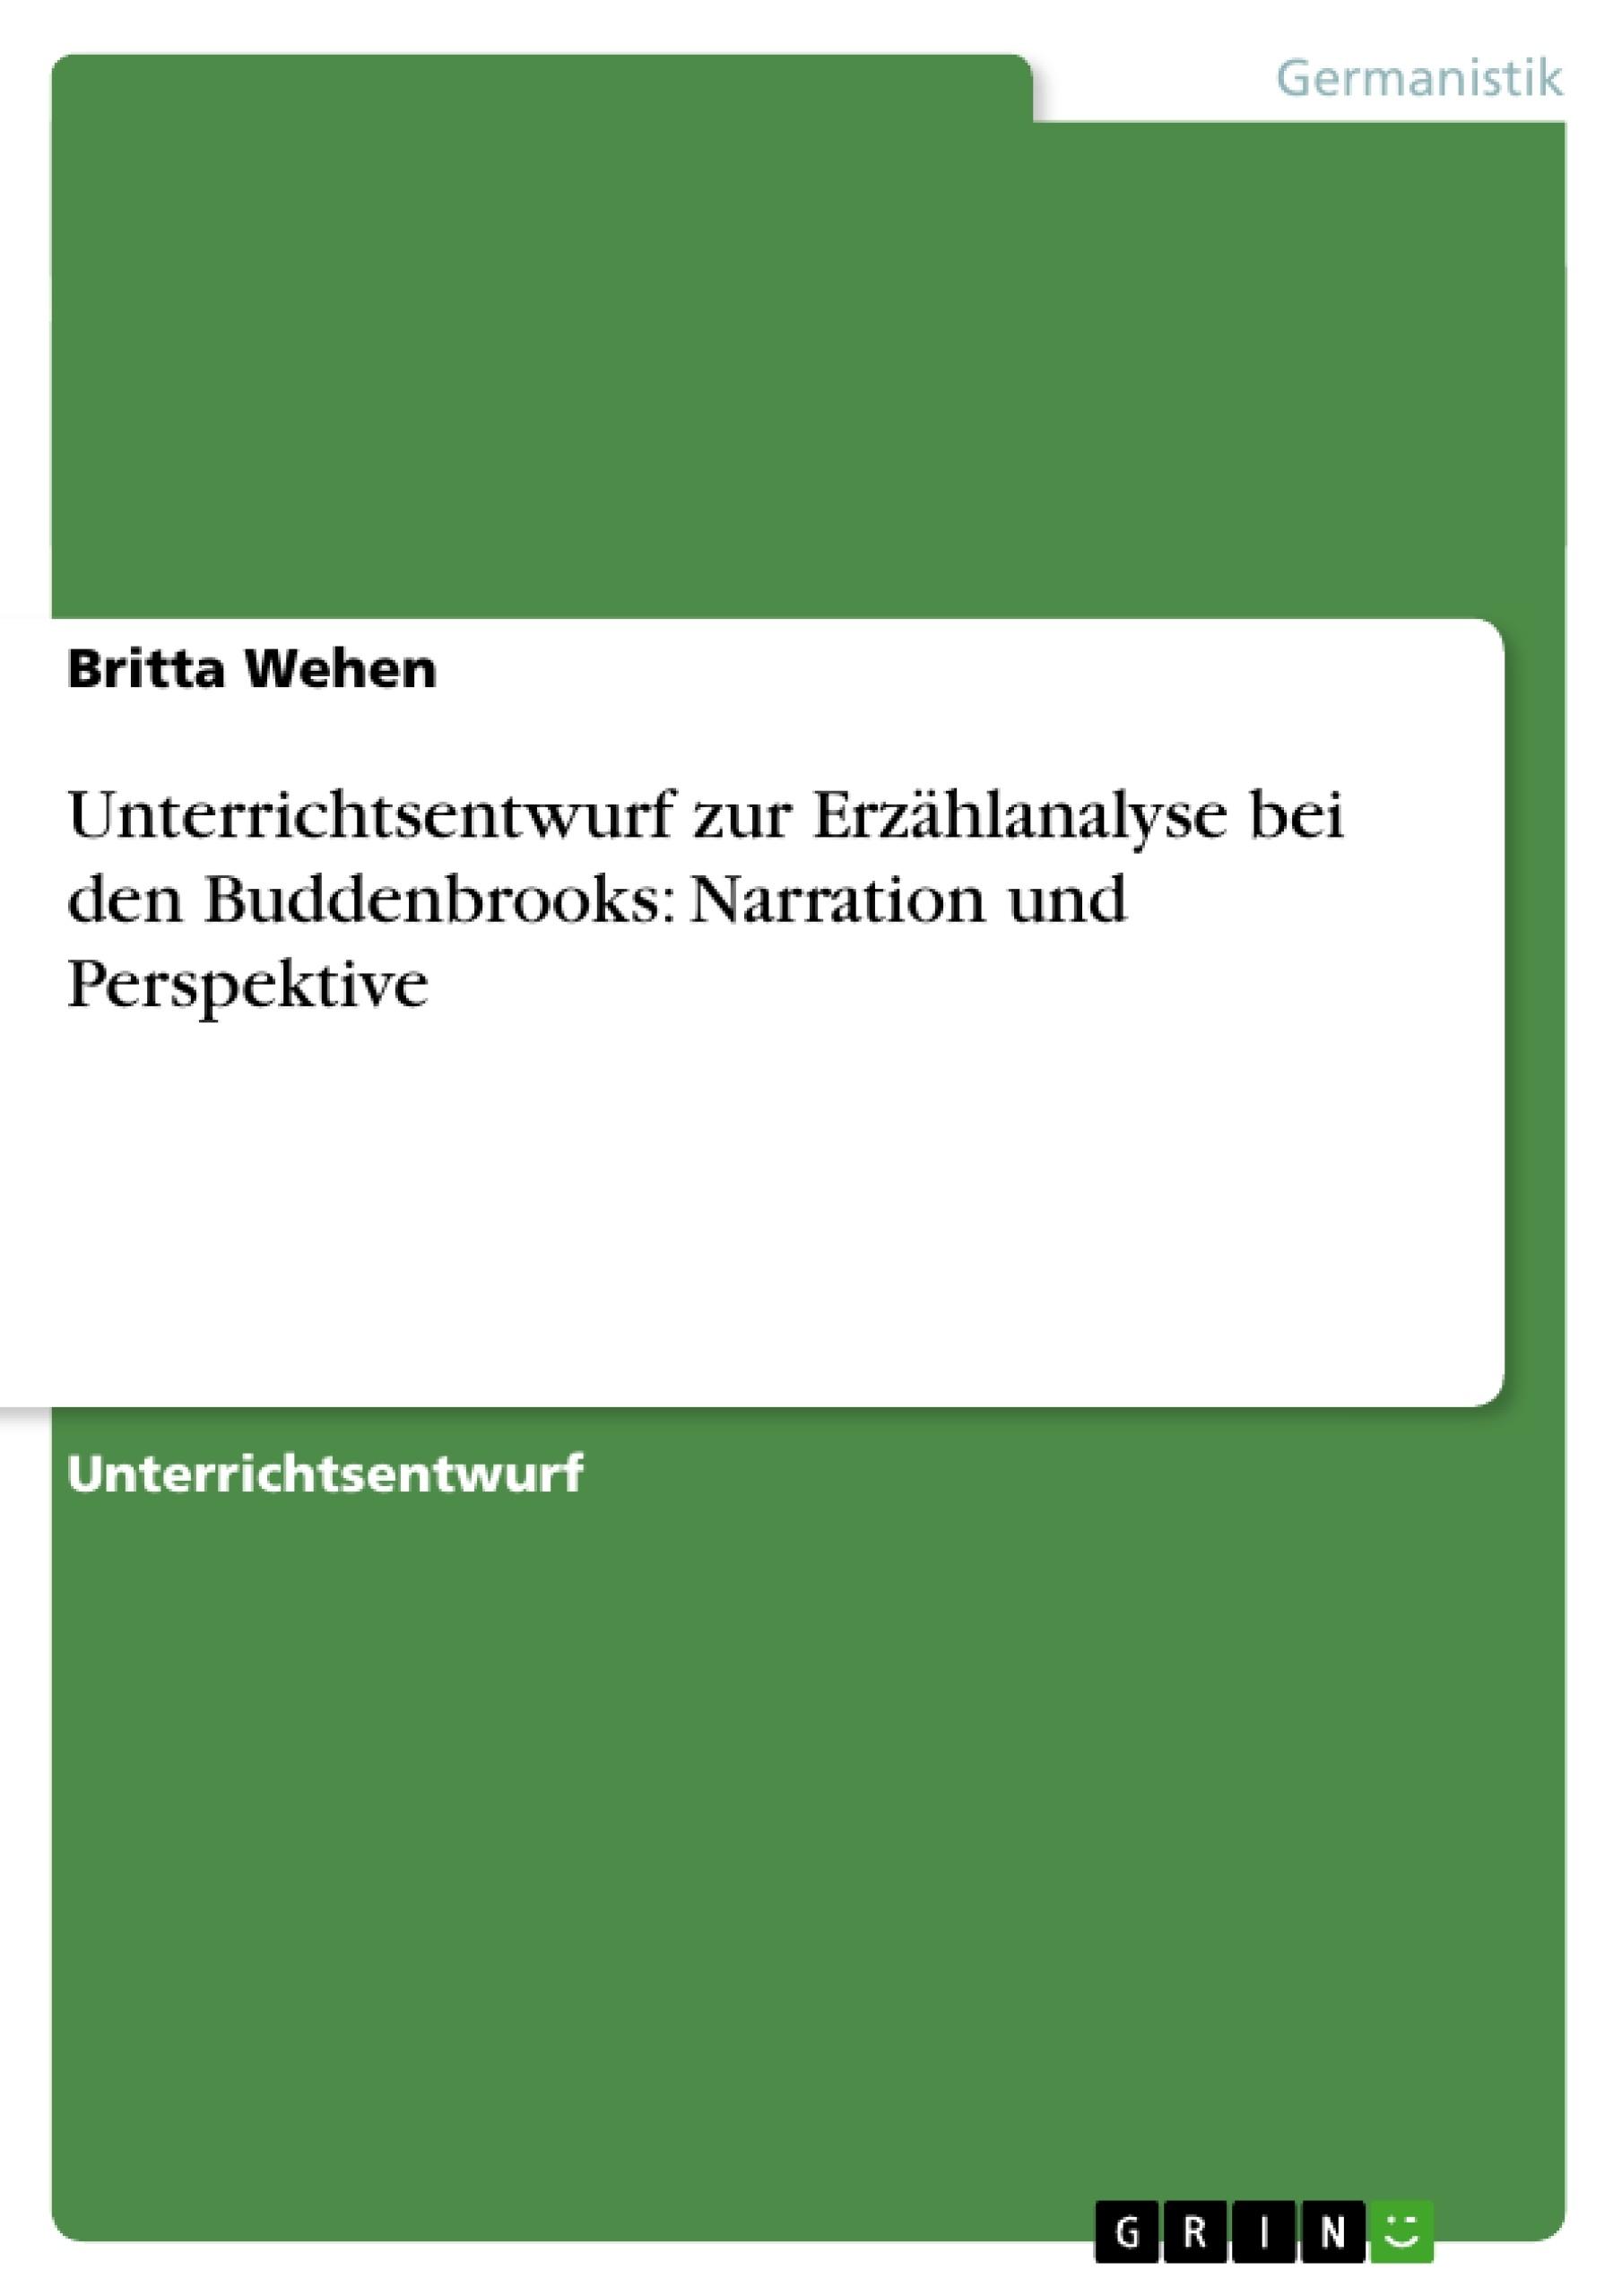 Titel: Unterrichtsentwurf zur Erzählanalyse bei den Buddenbrooks: Narration und Perspektive